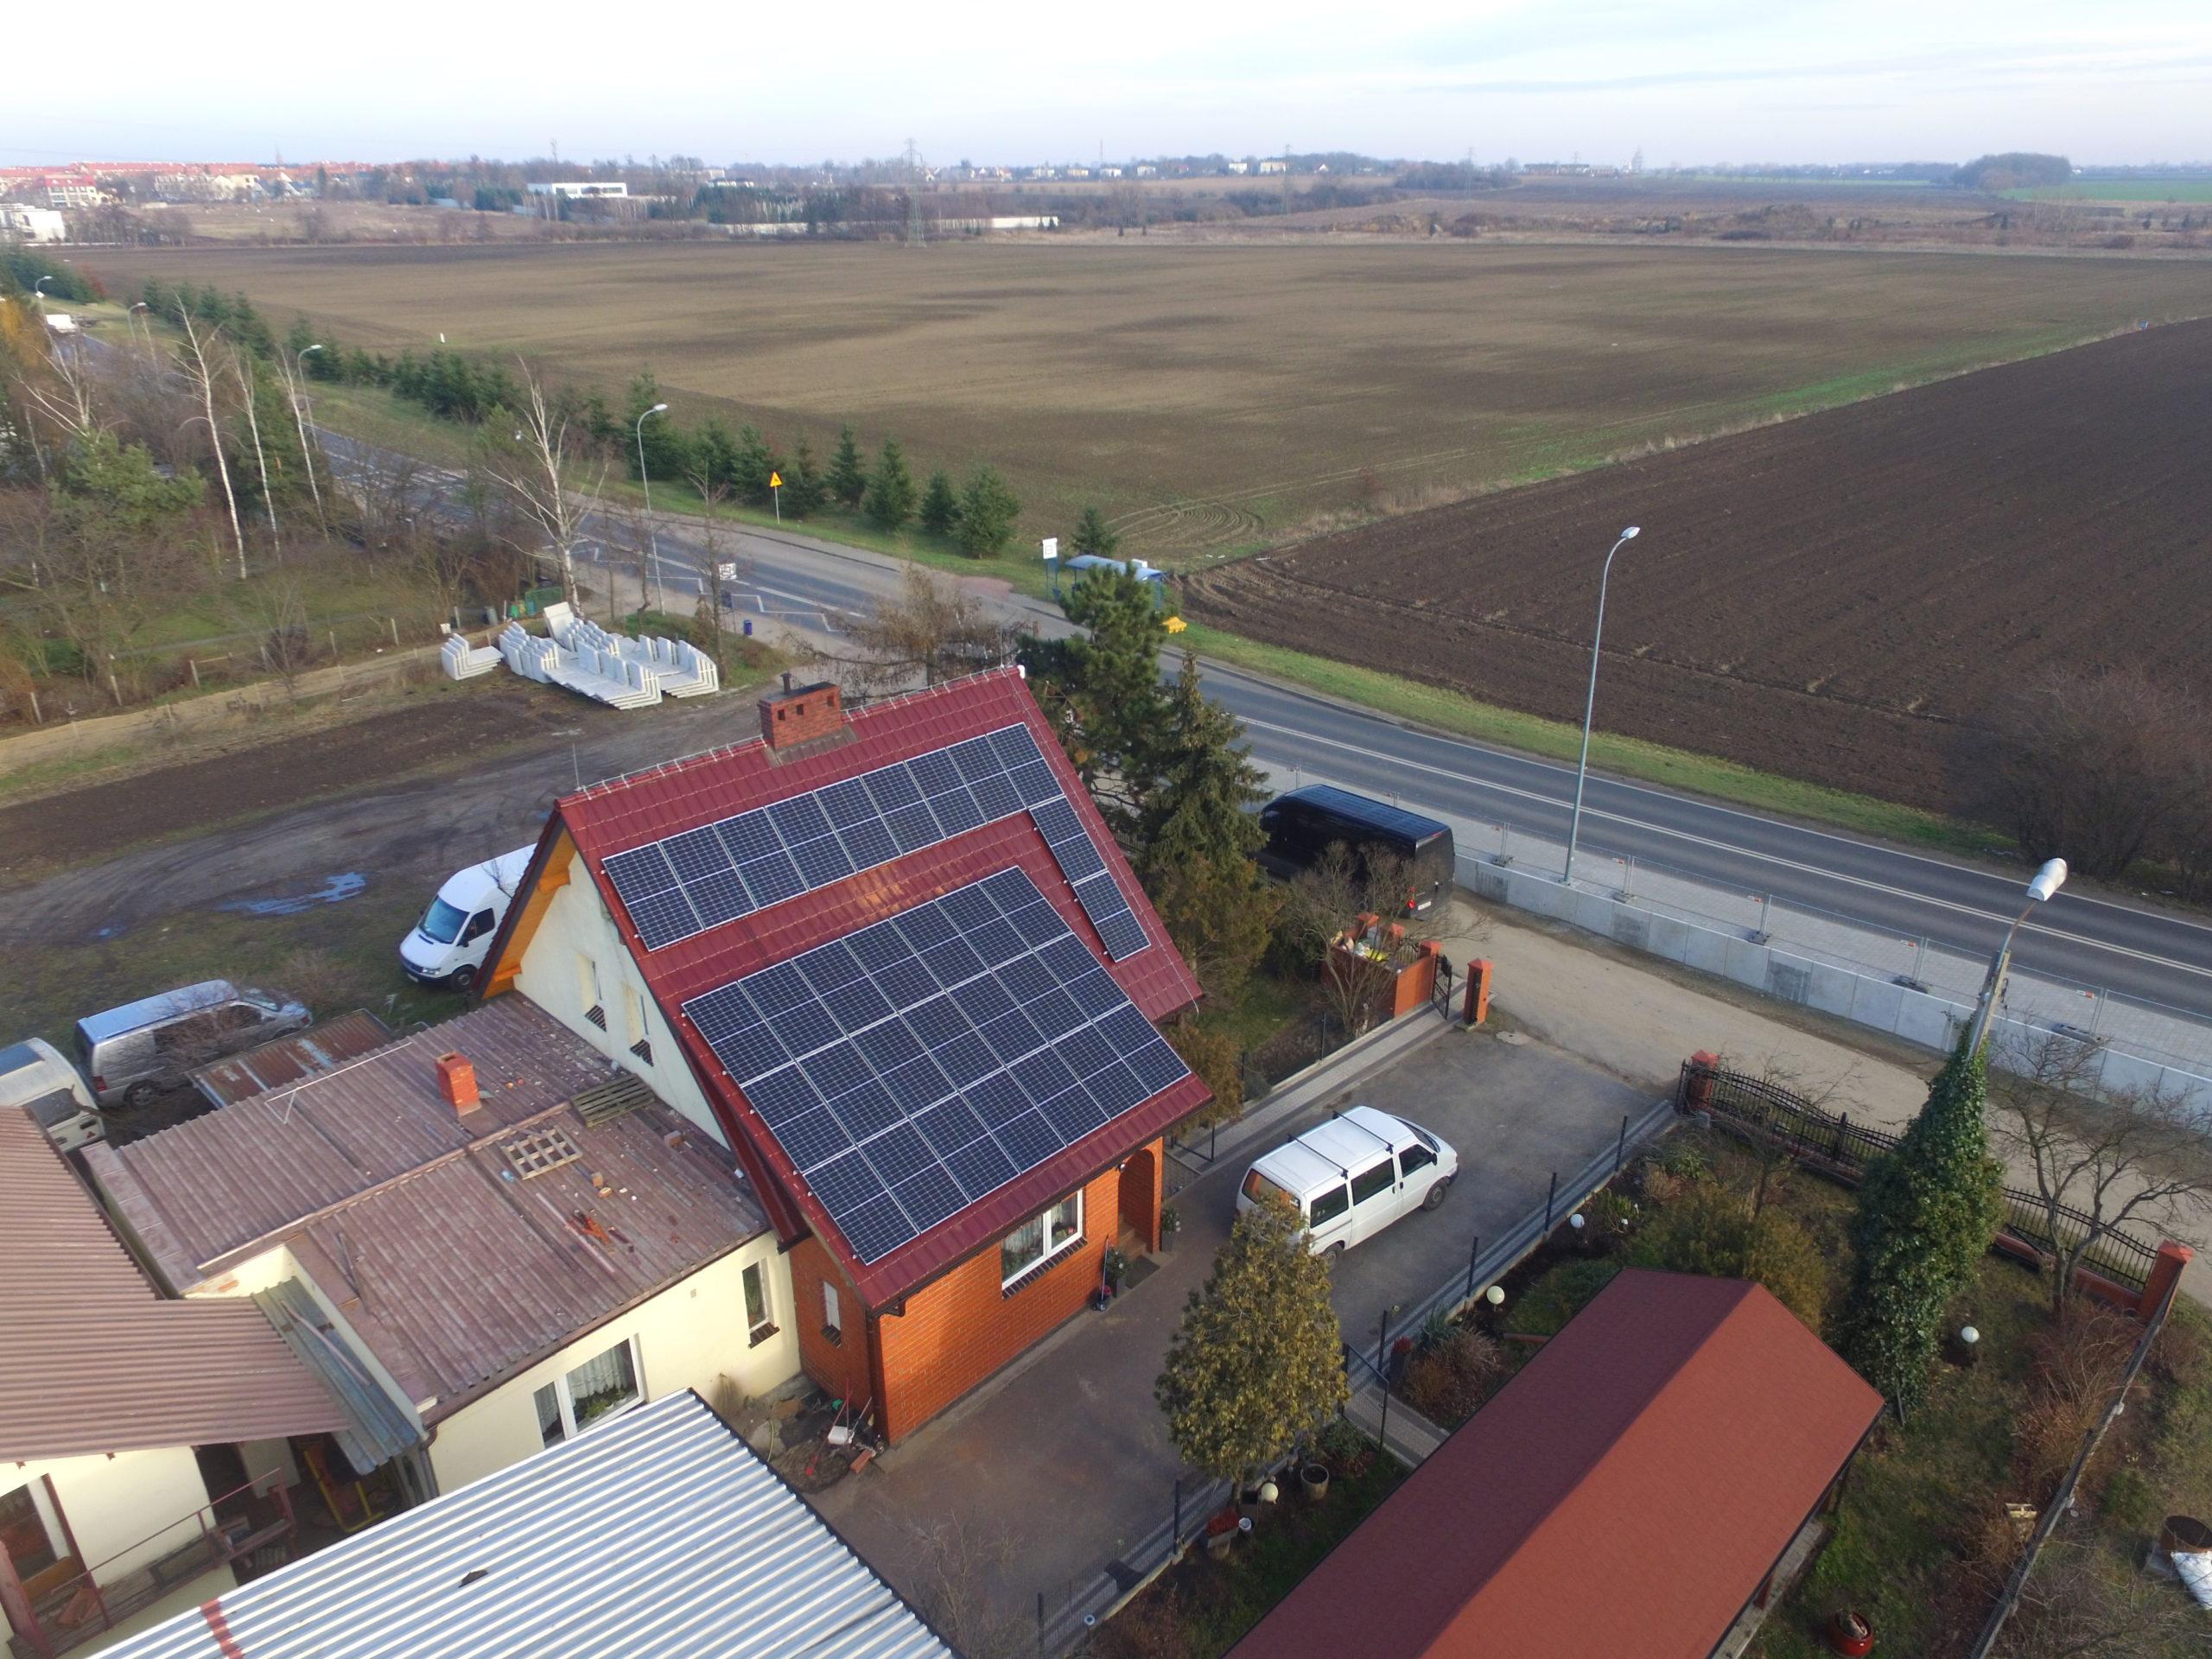 Instalacja fotowoltaiczna o mocy 10 kWp na budynku mieszkalnym, Ślęza